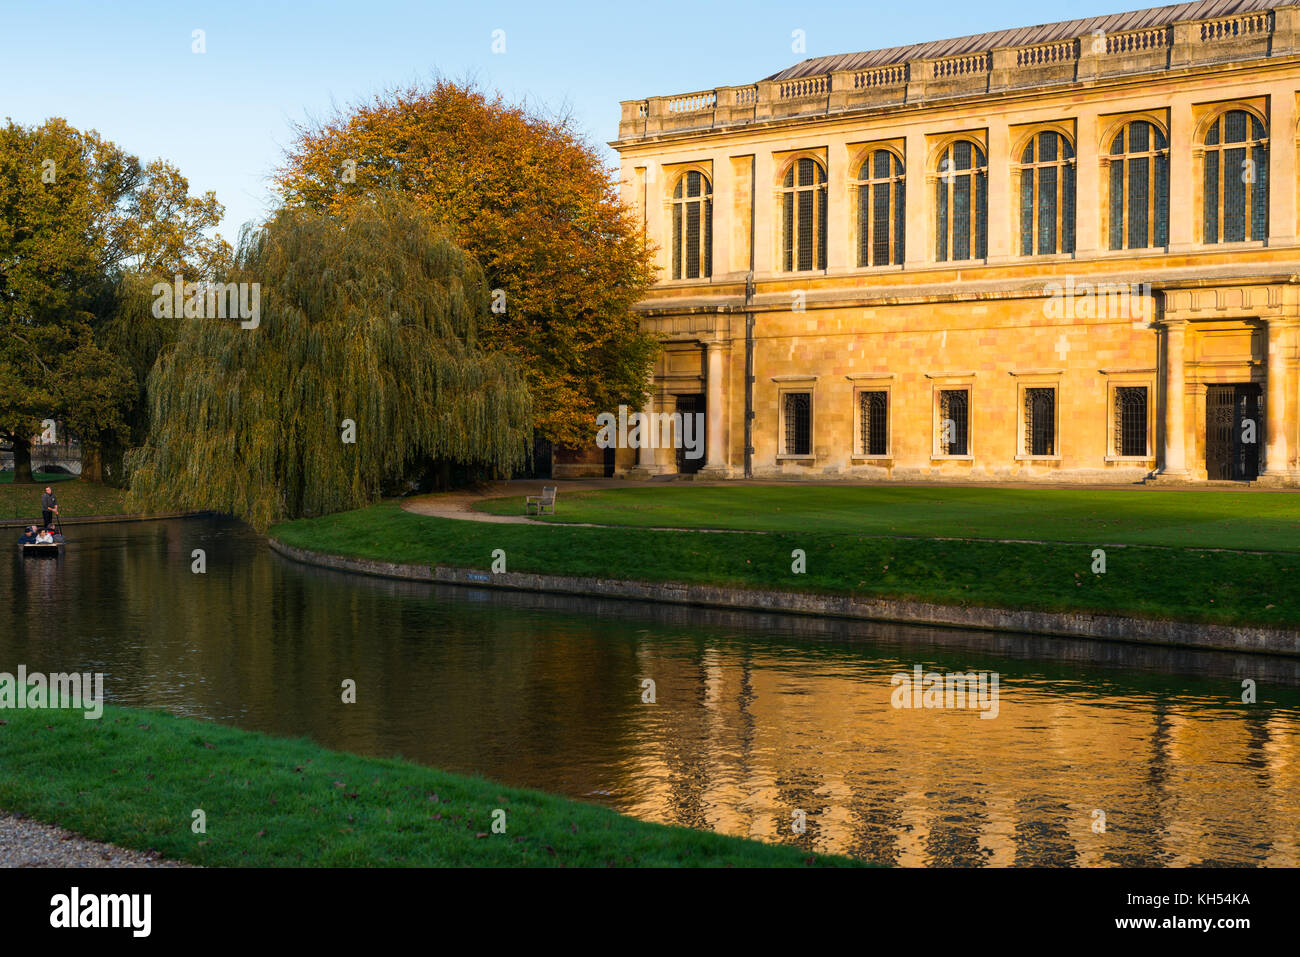 Vista panoramica della libreria di Wren al tramonto, il Trinity College di Cambridge University; con punting nella parte anteriore lungo il fiume Cam, UK. Foto Stock